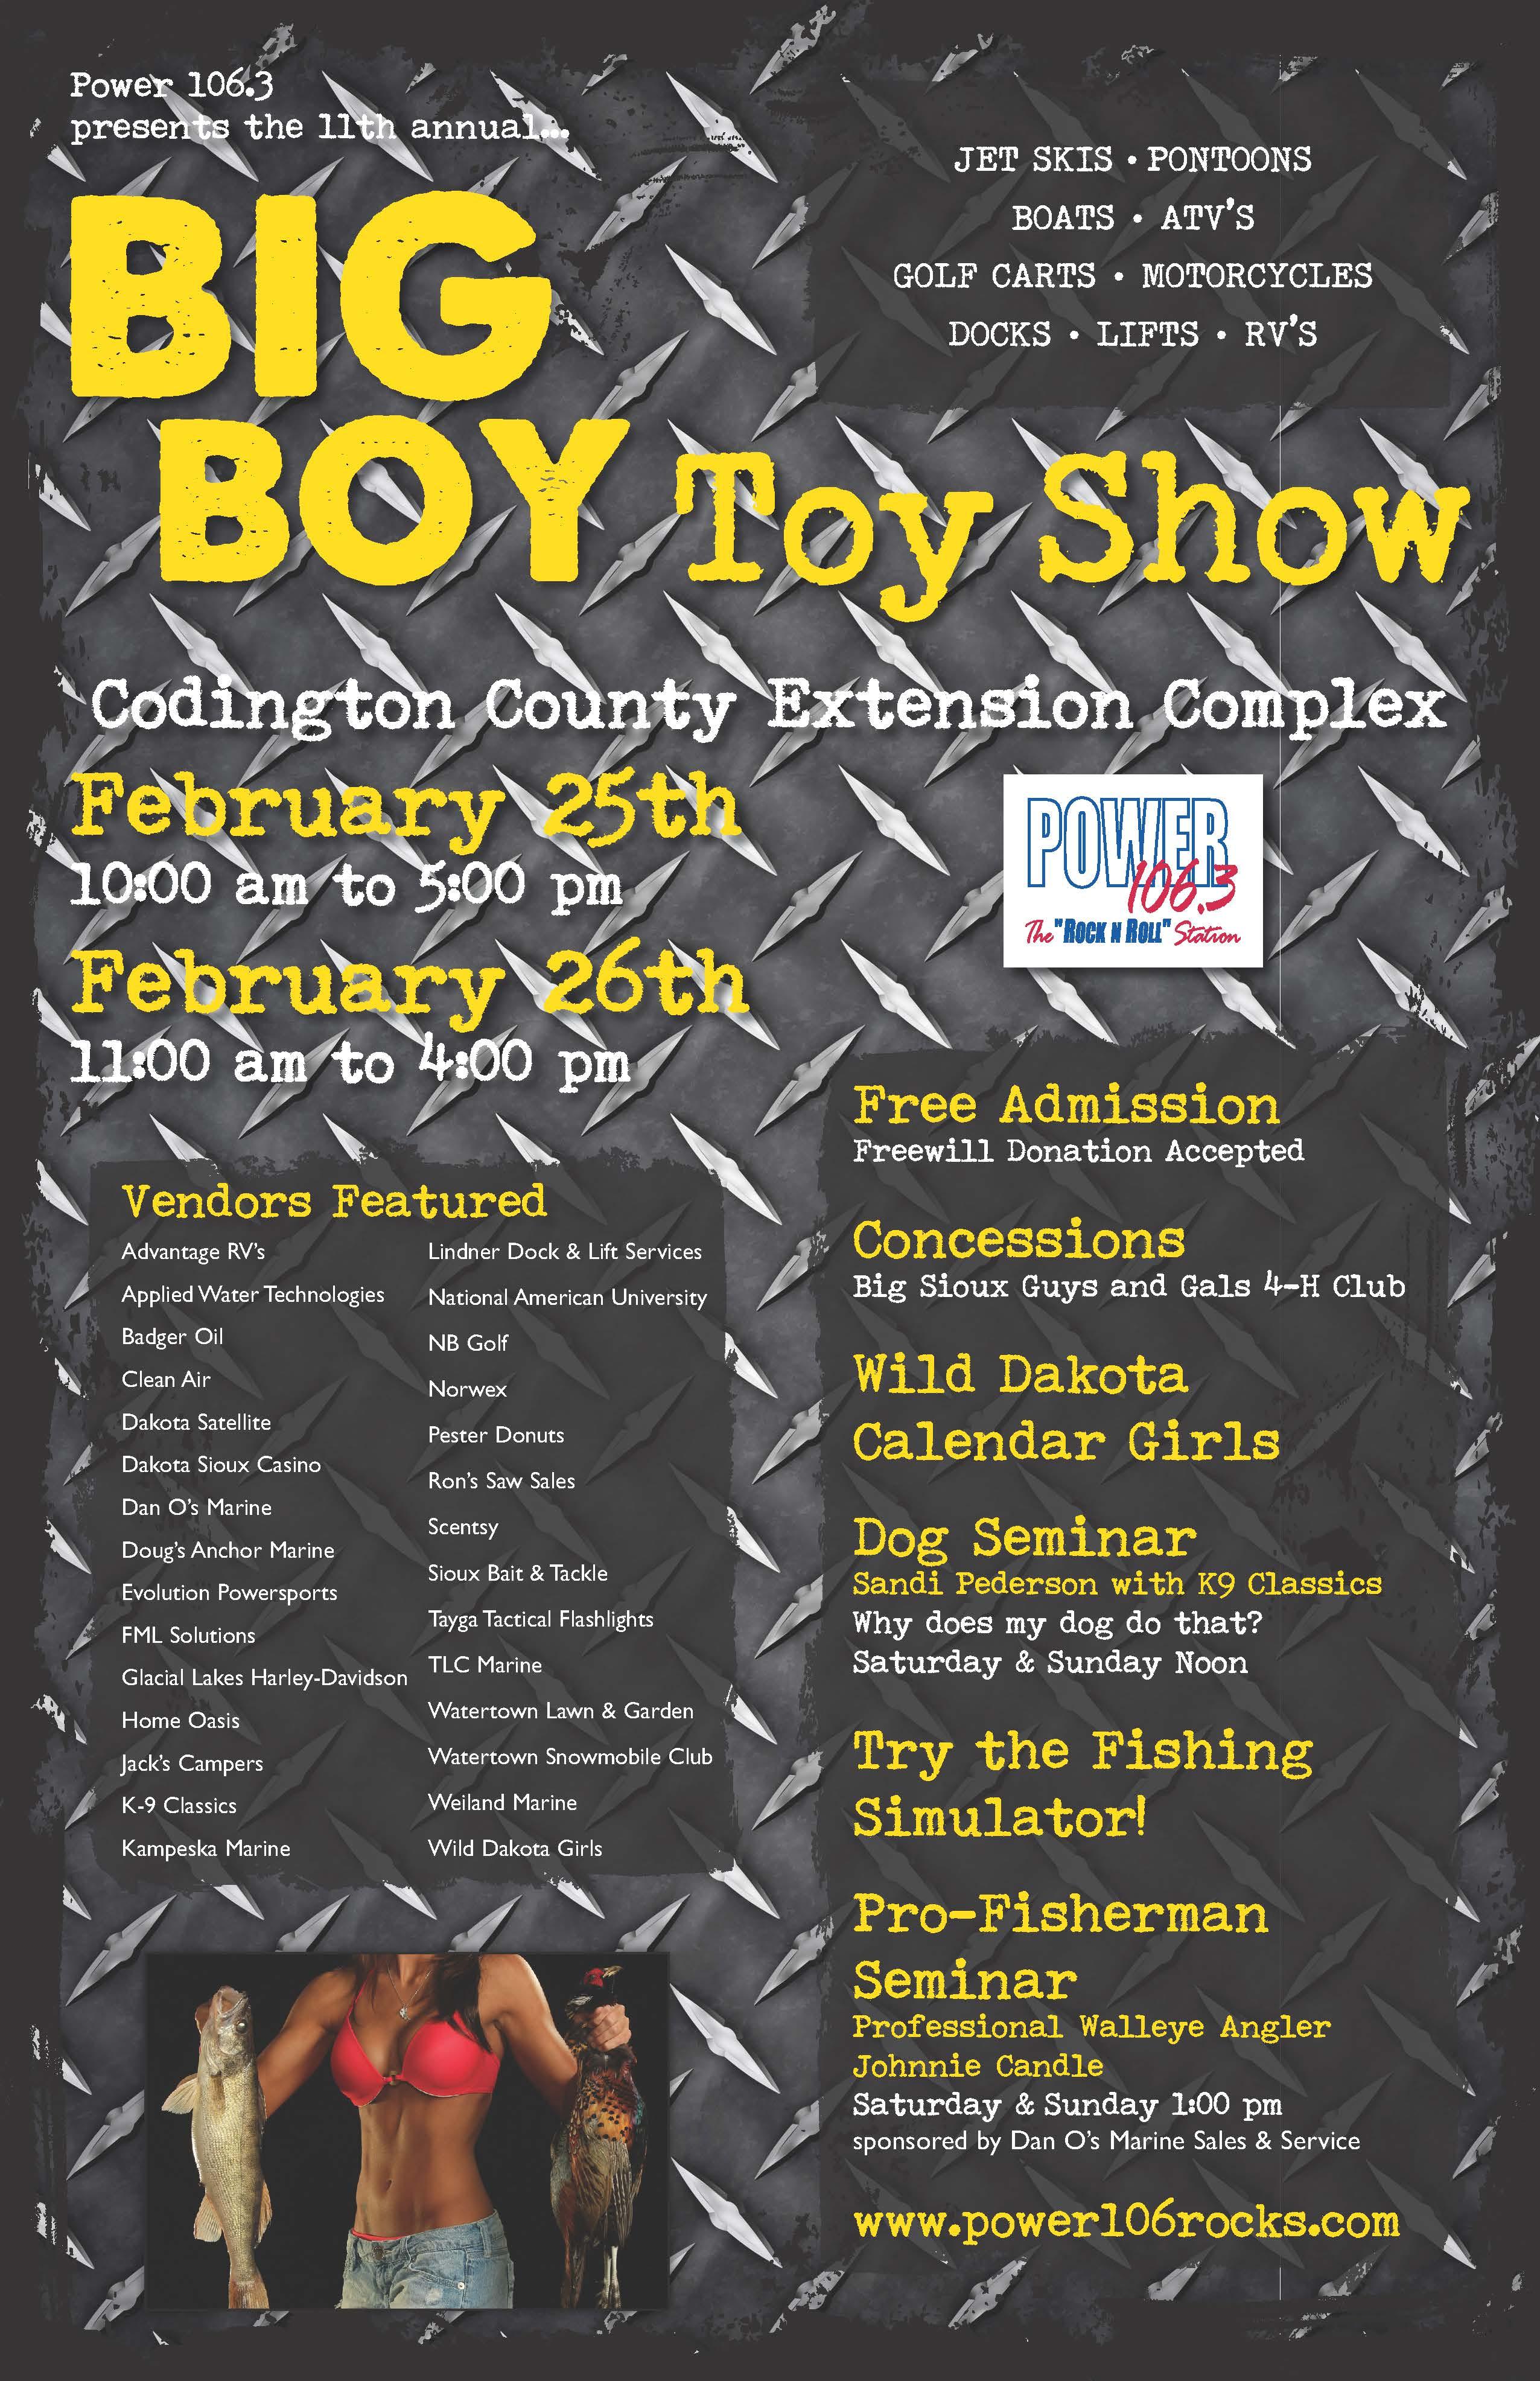 Big Boy Toy Show : Kphr fm big boy toy show